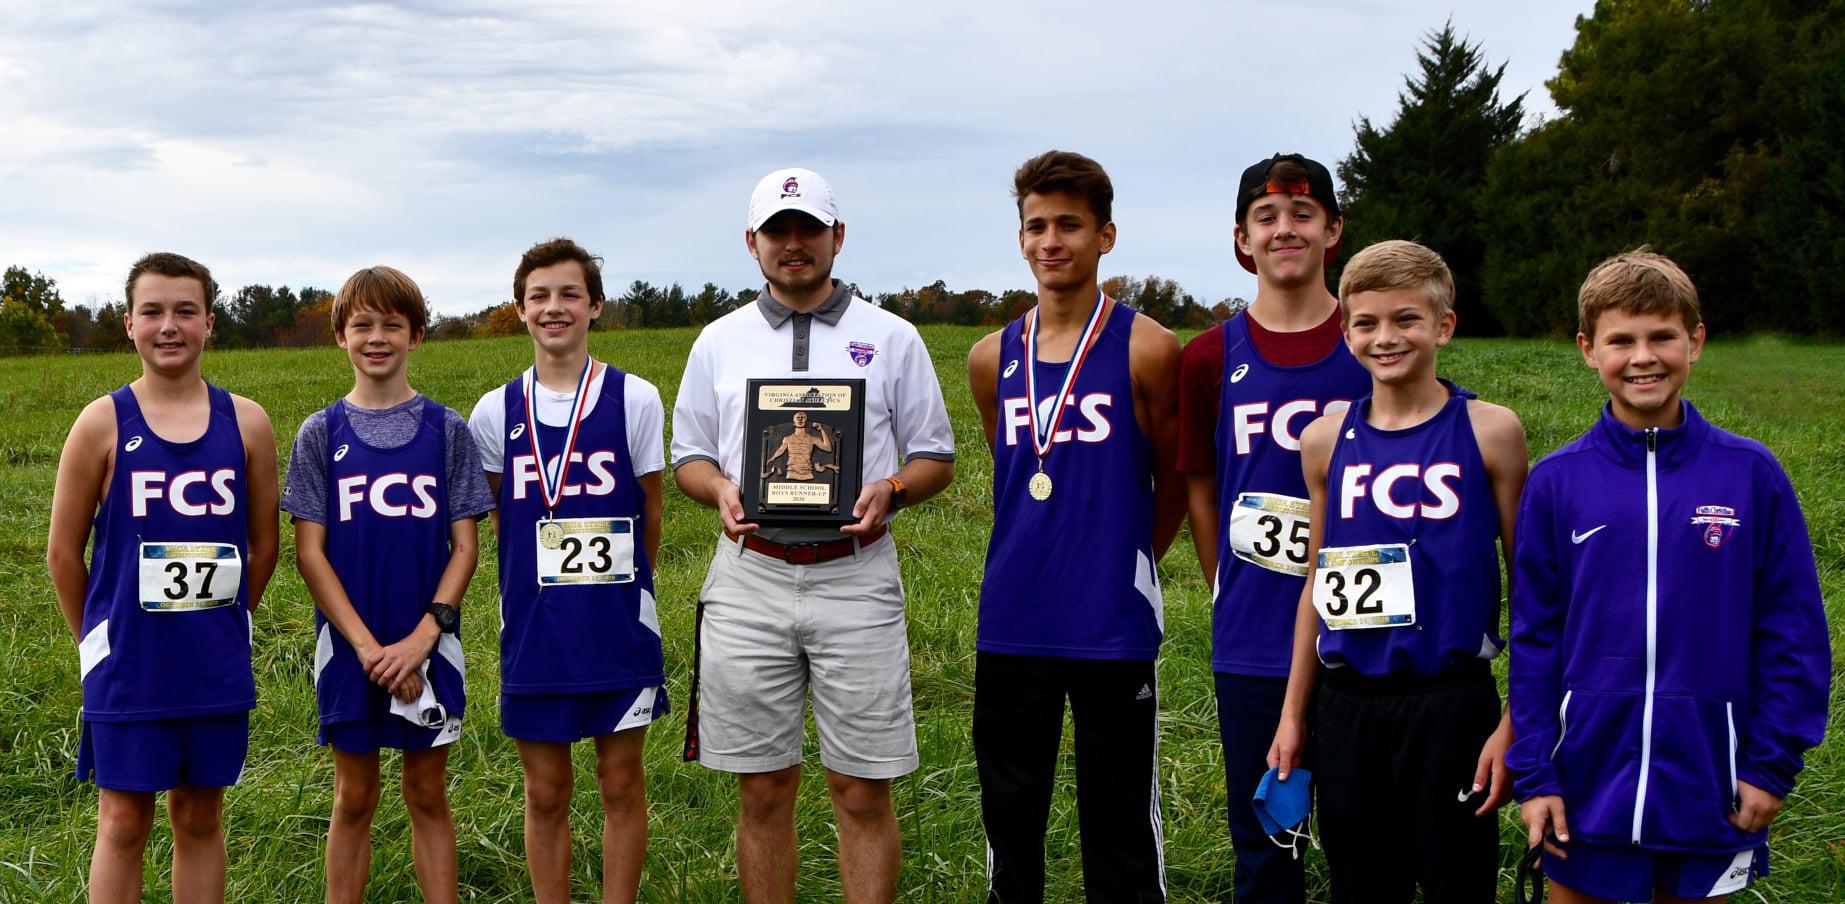 FCS Medals